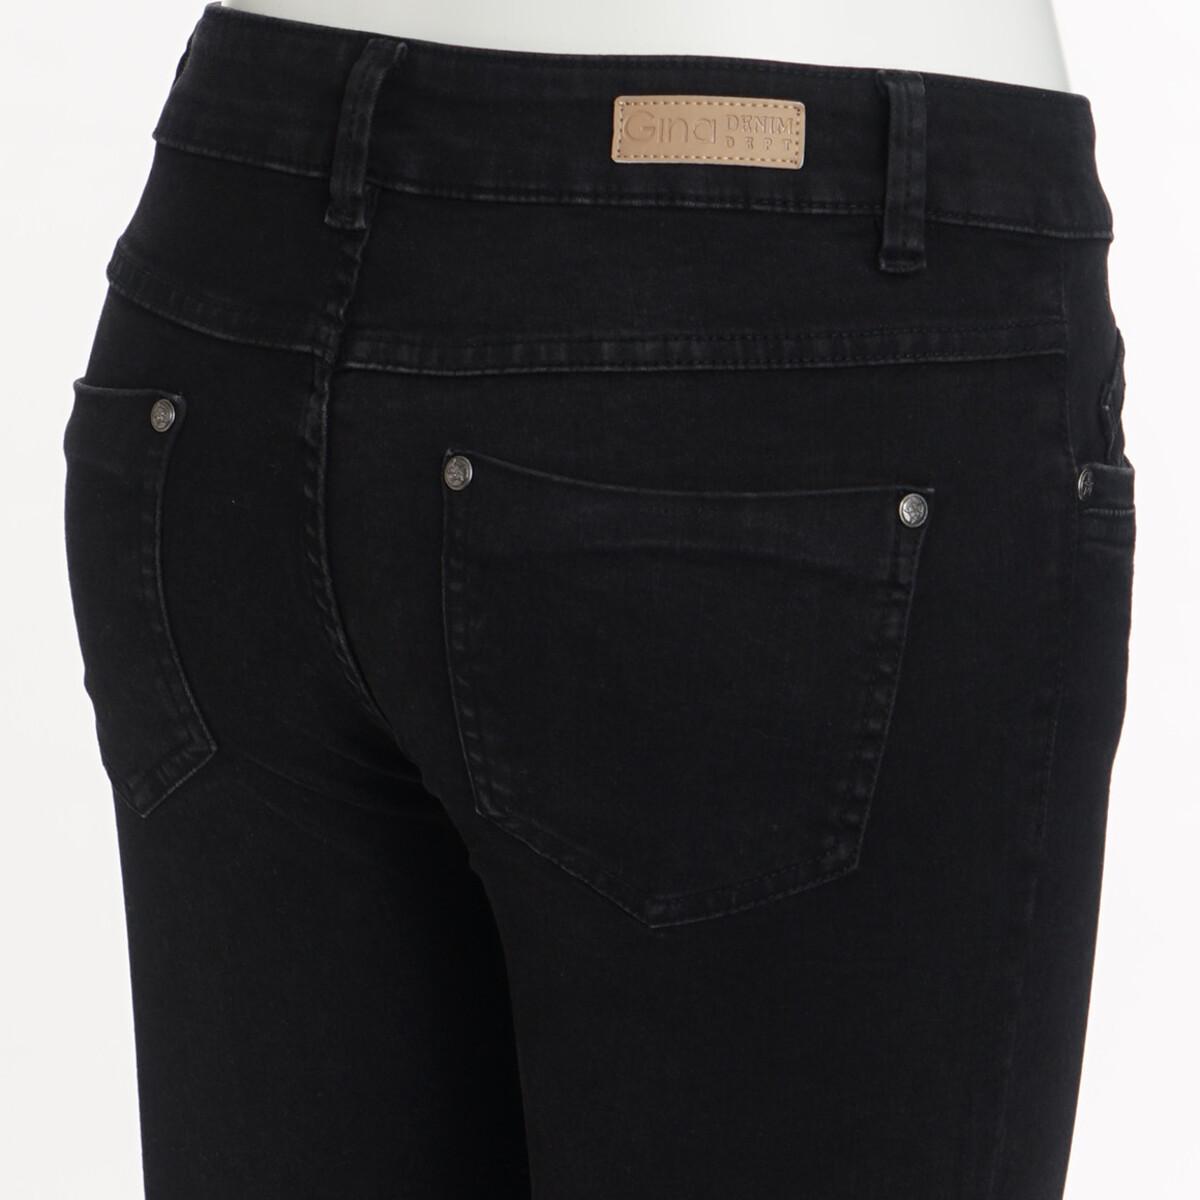 Bild 2 von Damen Superflexible-Jeans mit Knopf